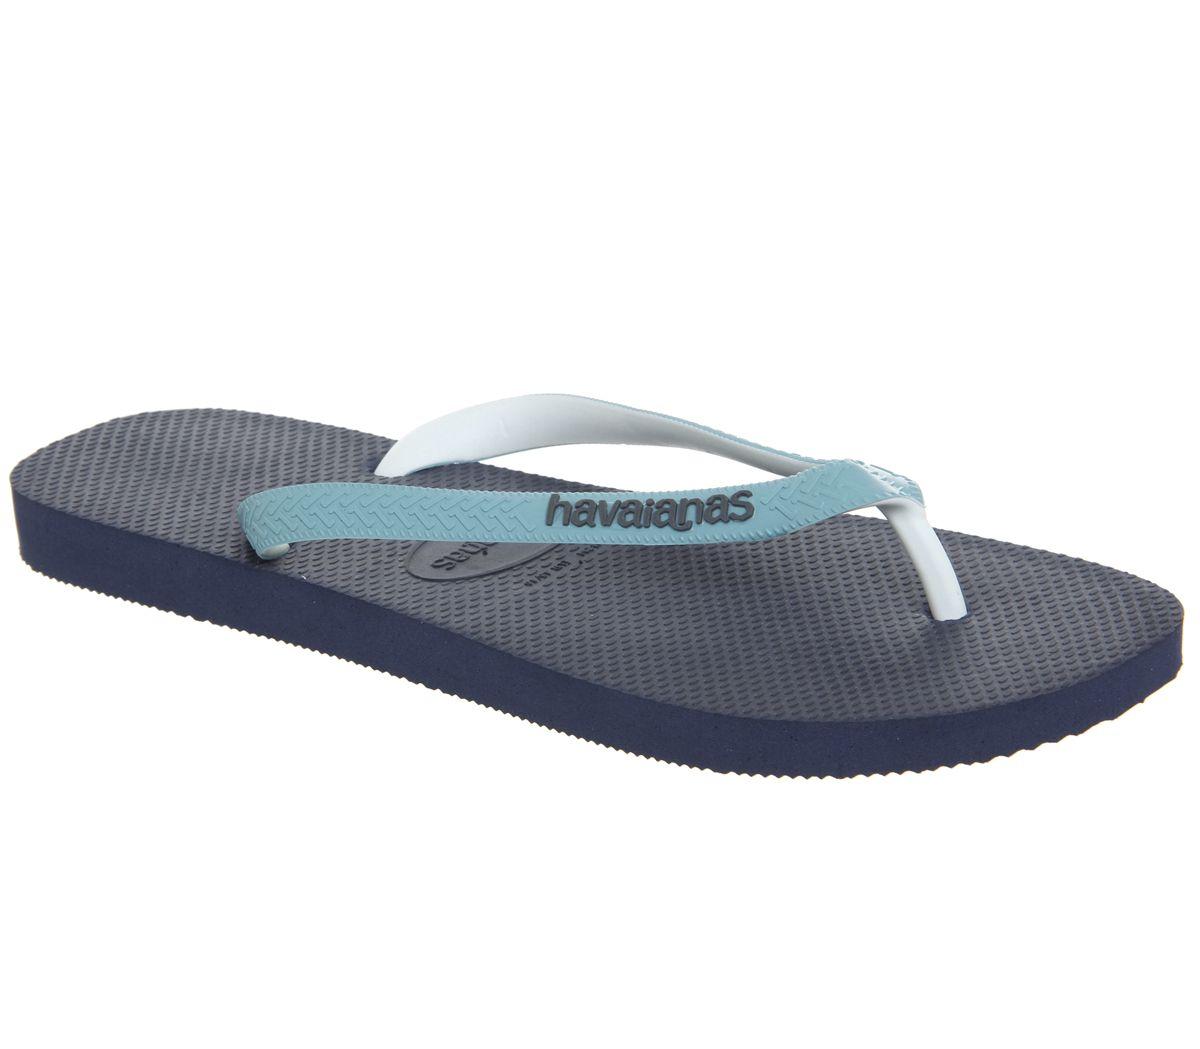 435dbbf9d Havaianas Havaianas Top Mix Flip Flops Navy Aqua - Sandals